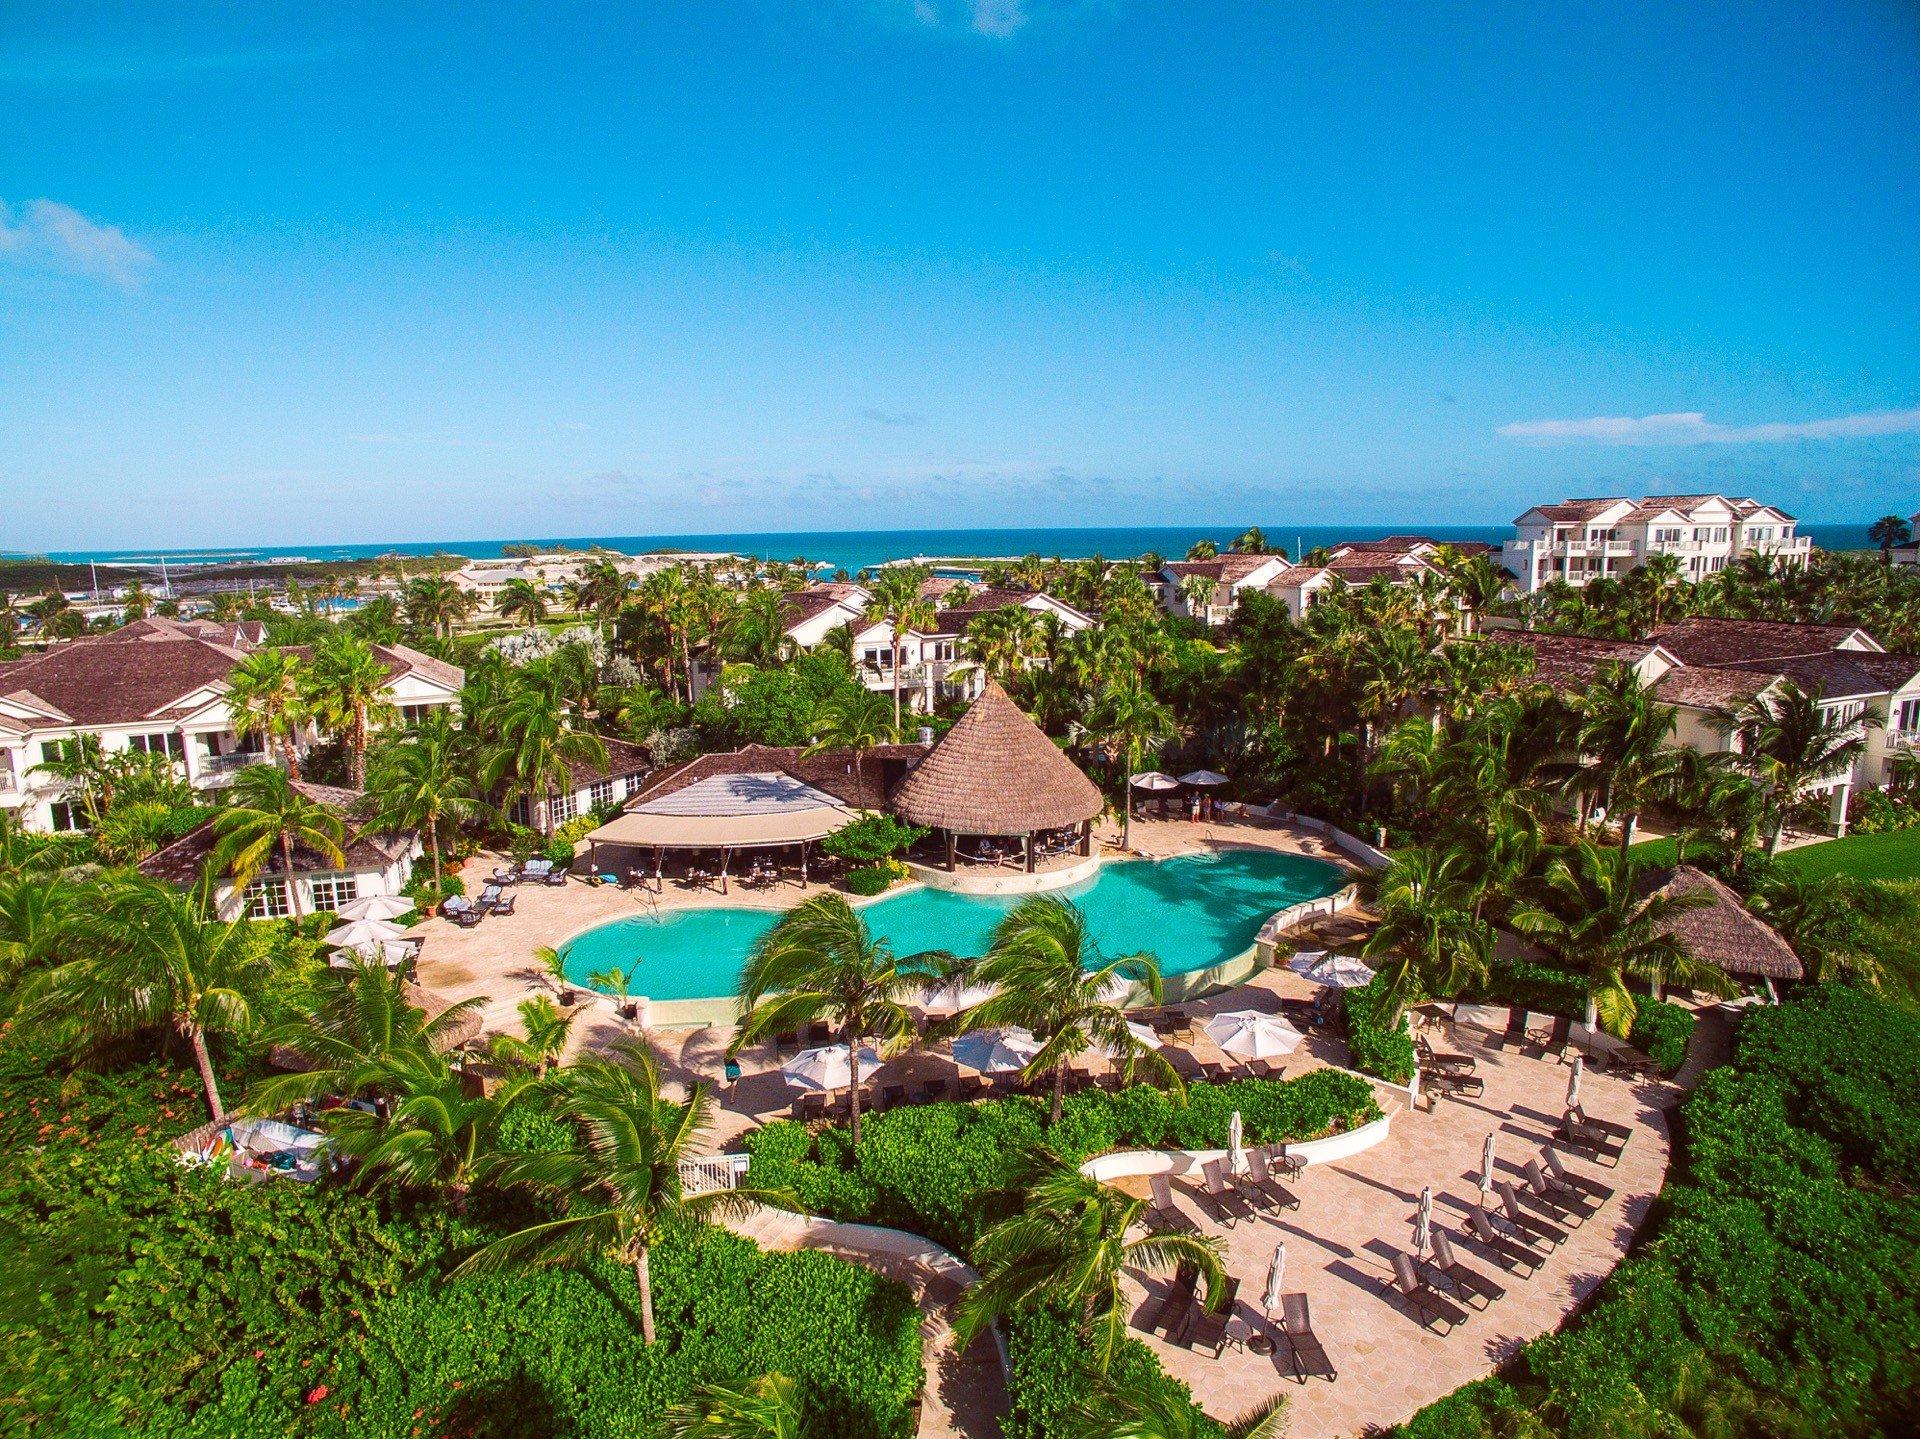 grand isle resort exuma bahamas